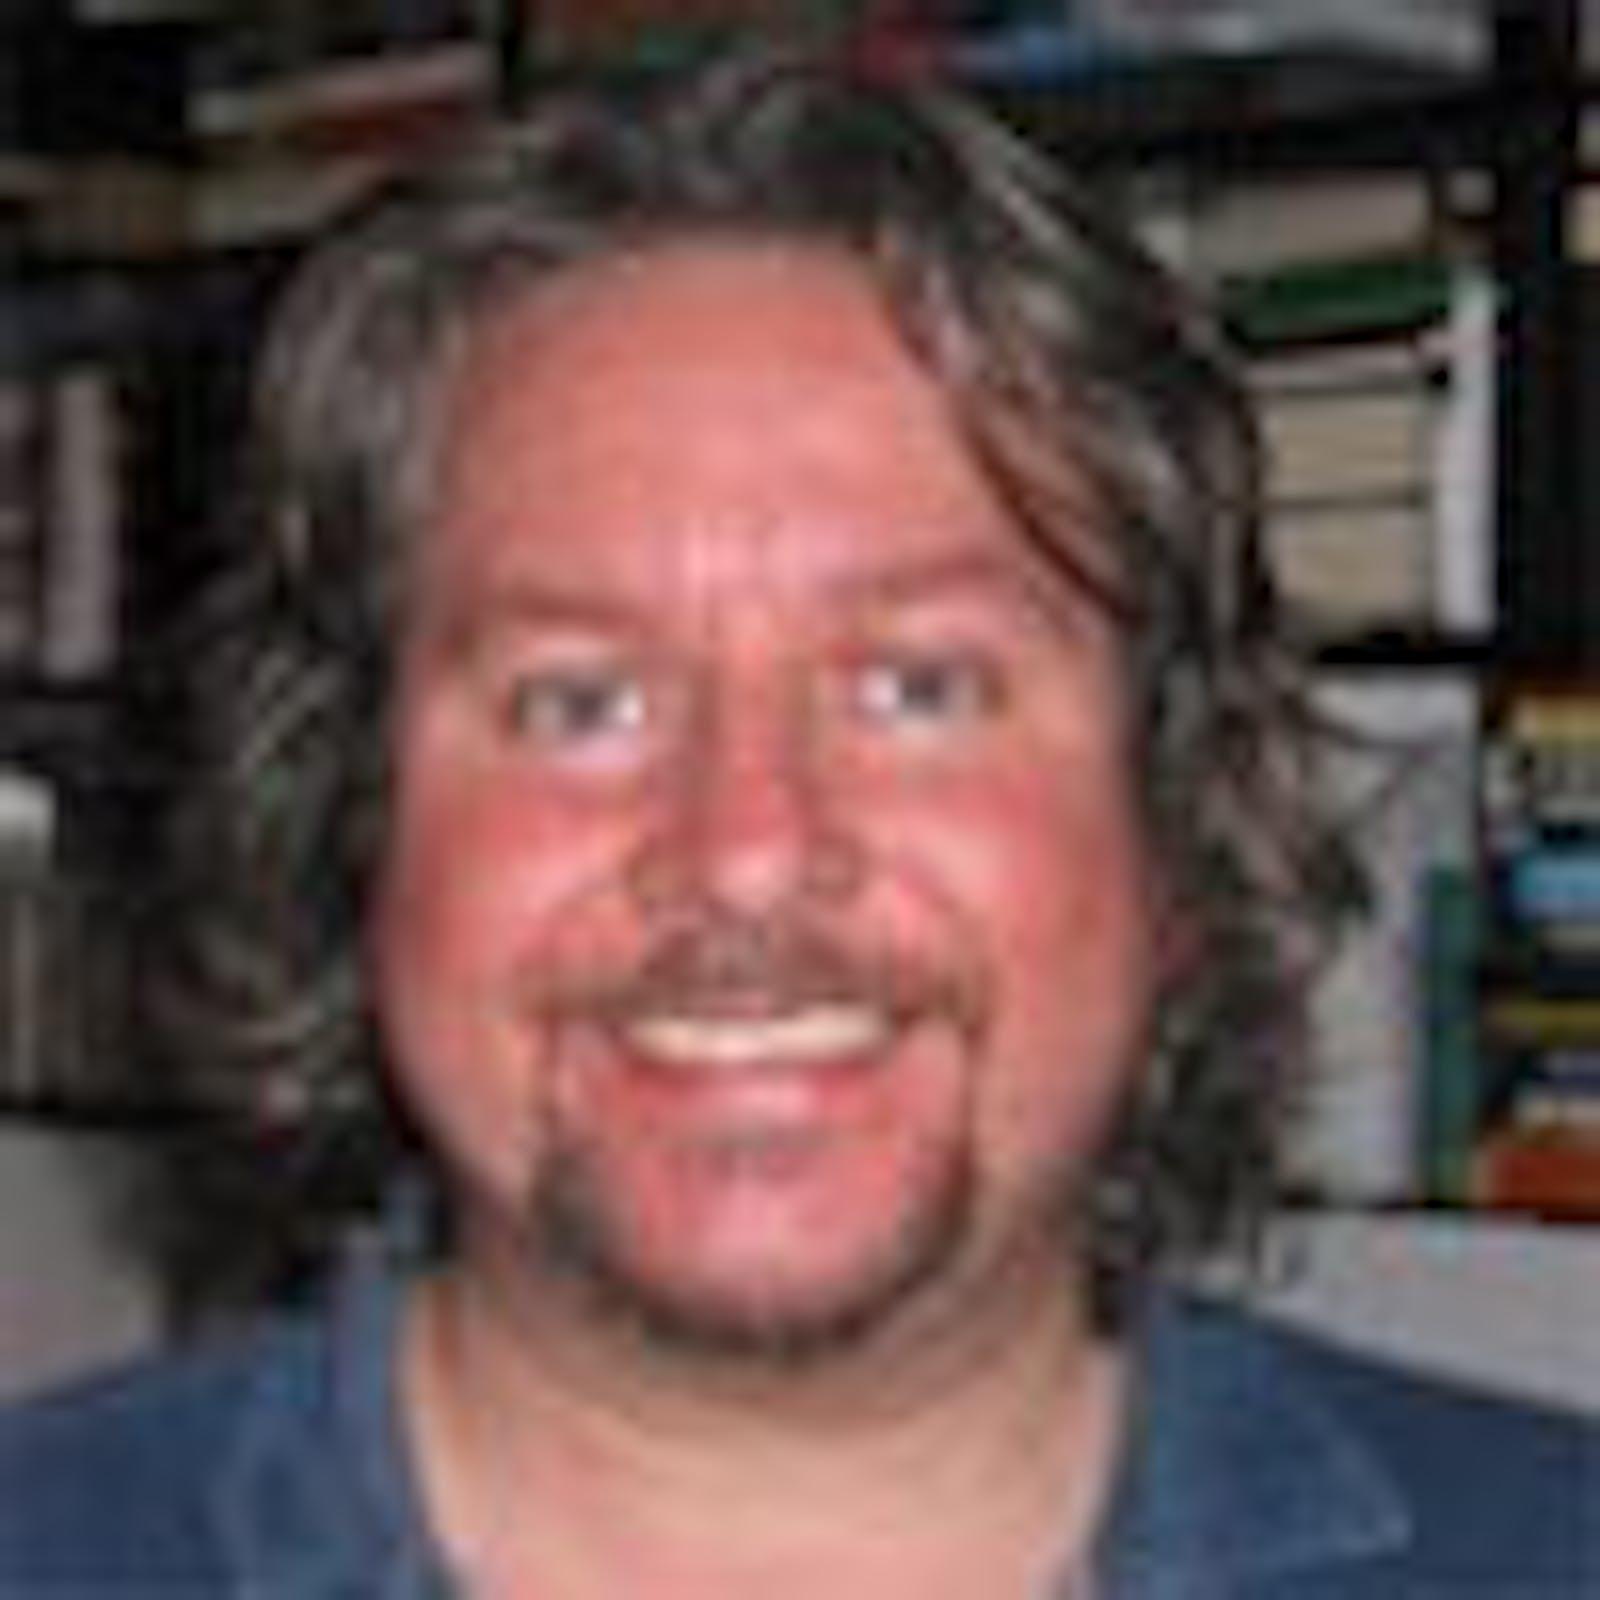 Reuben Barnes